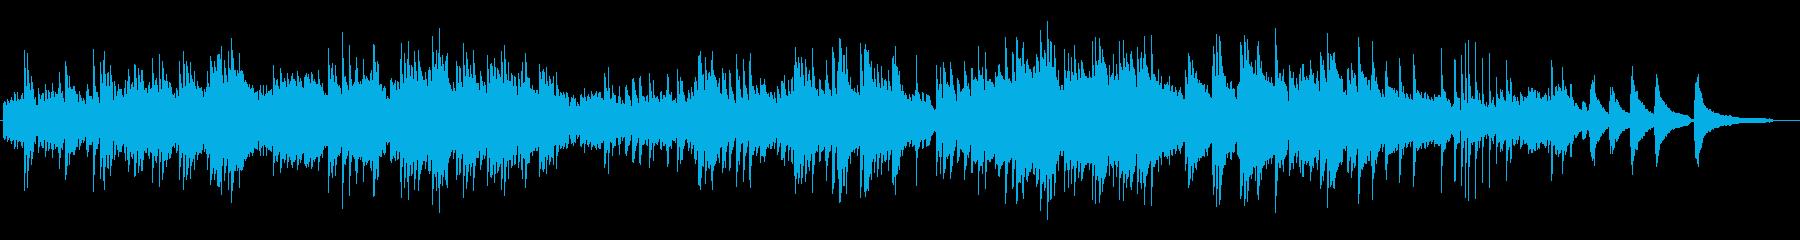 素朴で暖かいクラシック的なピアノBGMの再生済みの波形